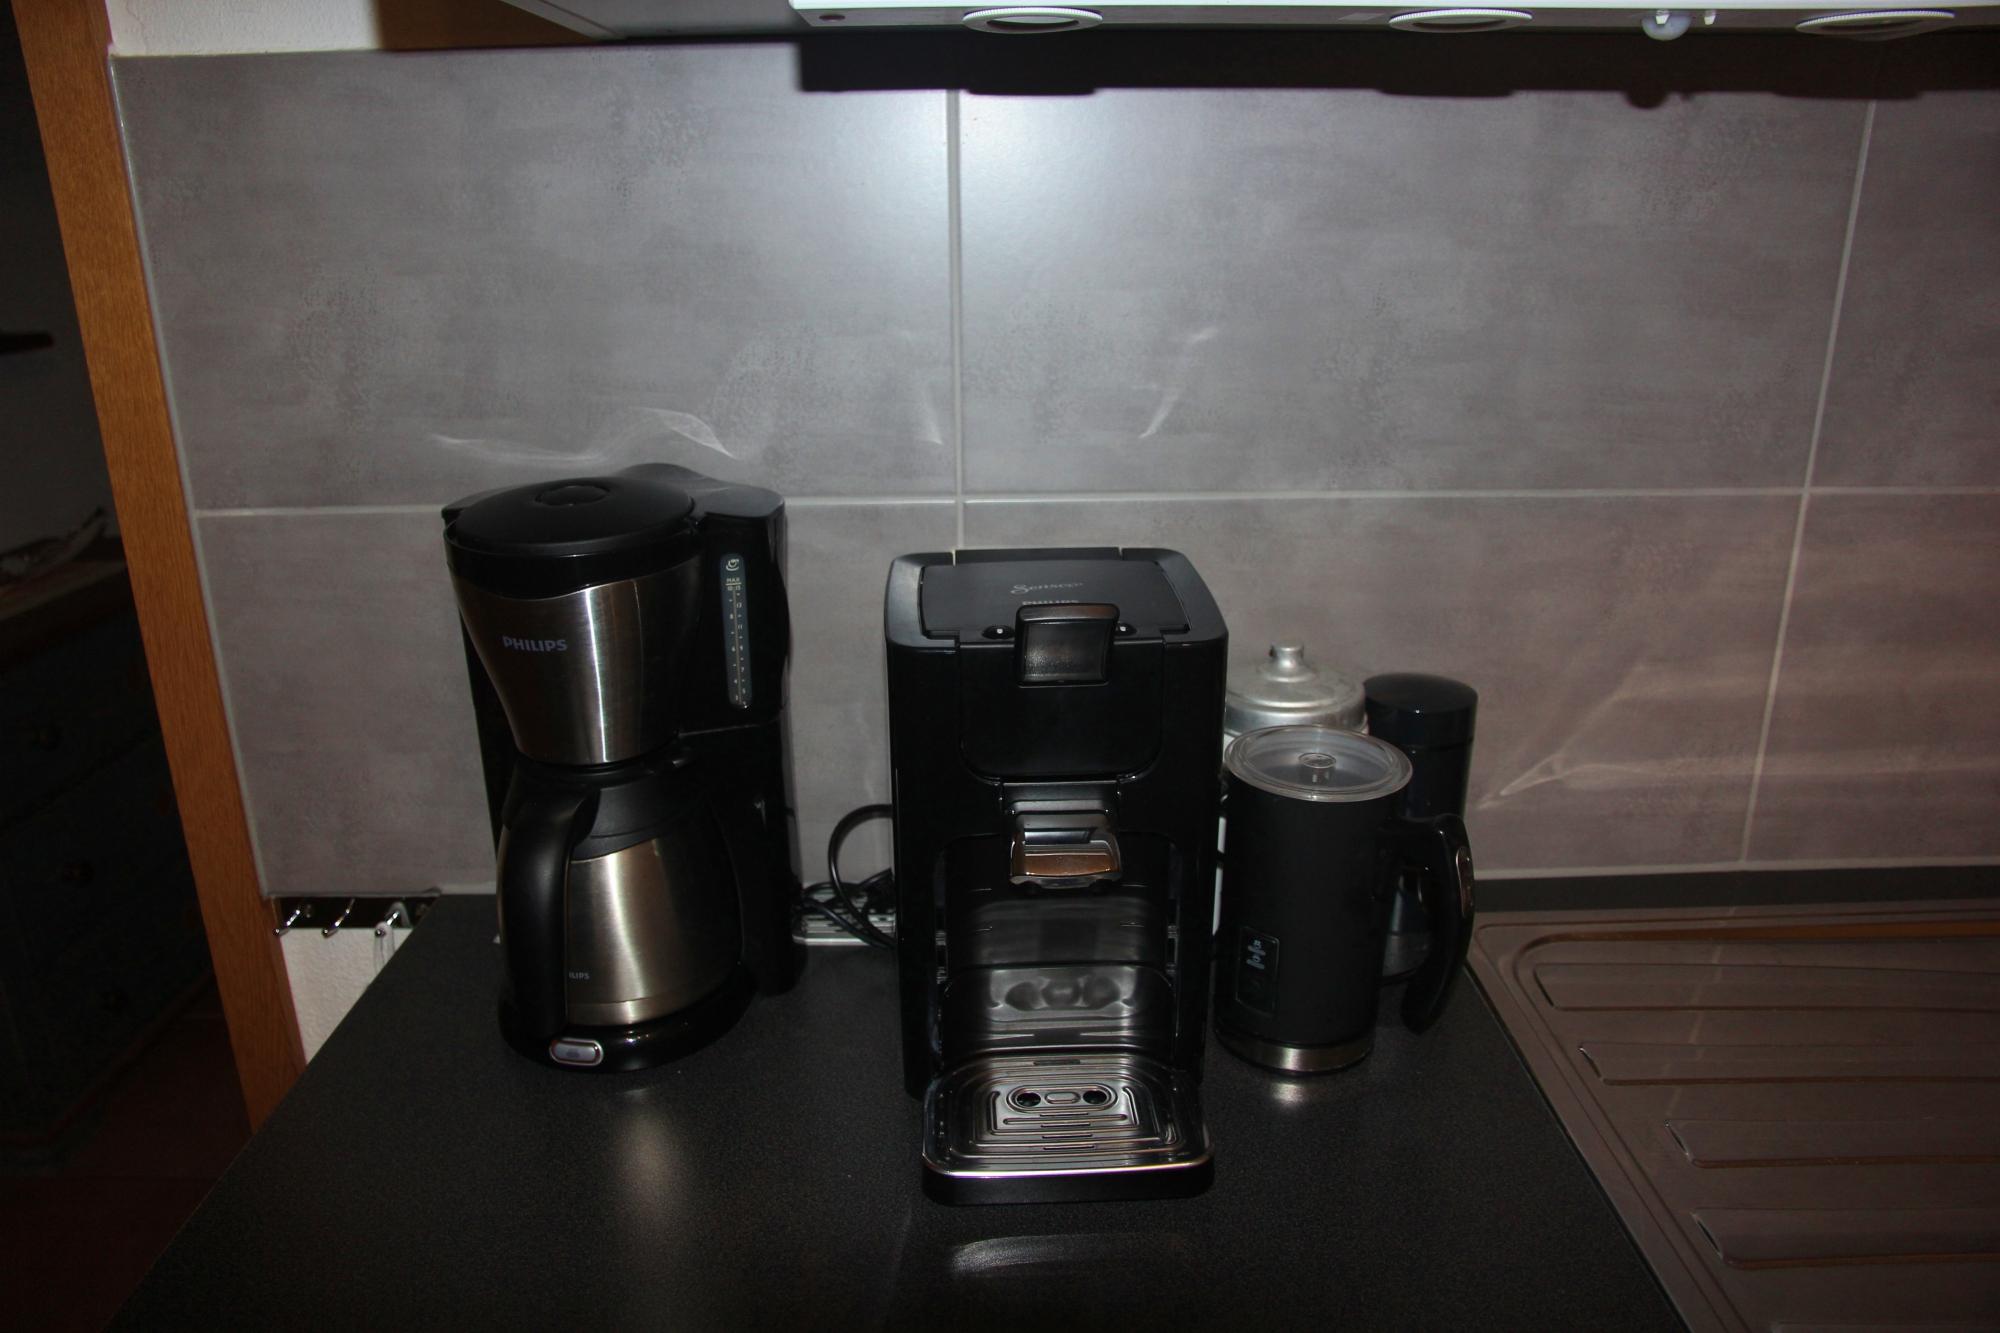 Ferienwohnung Sayn - Küchenausstattung